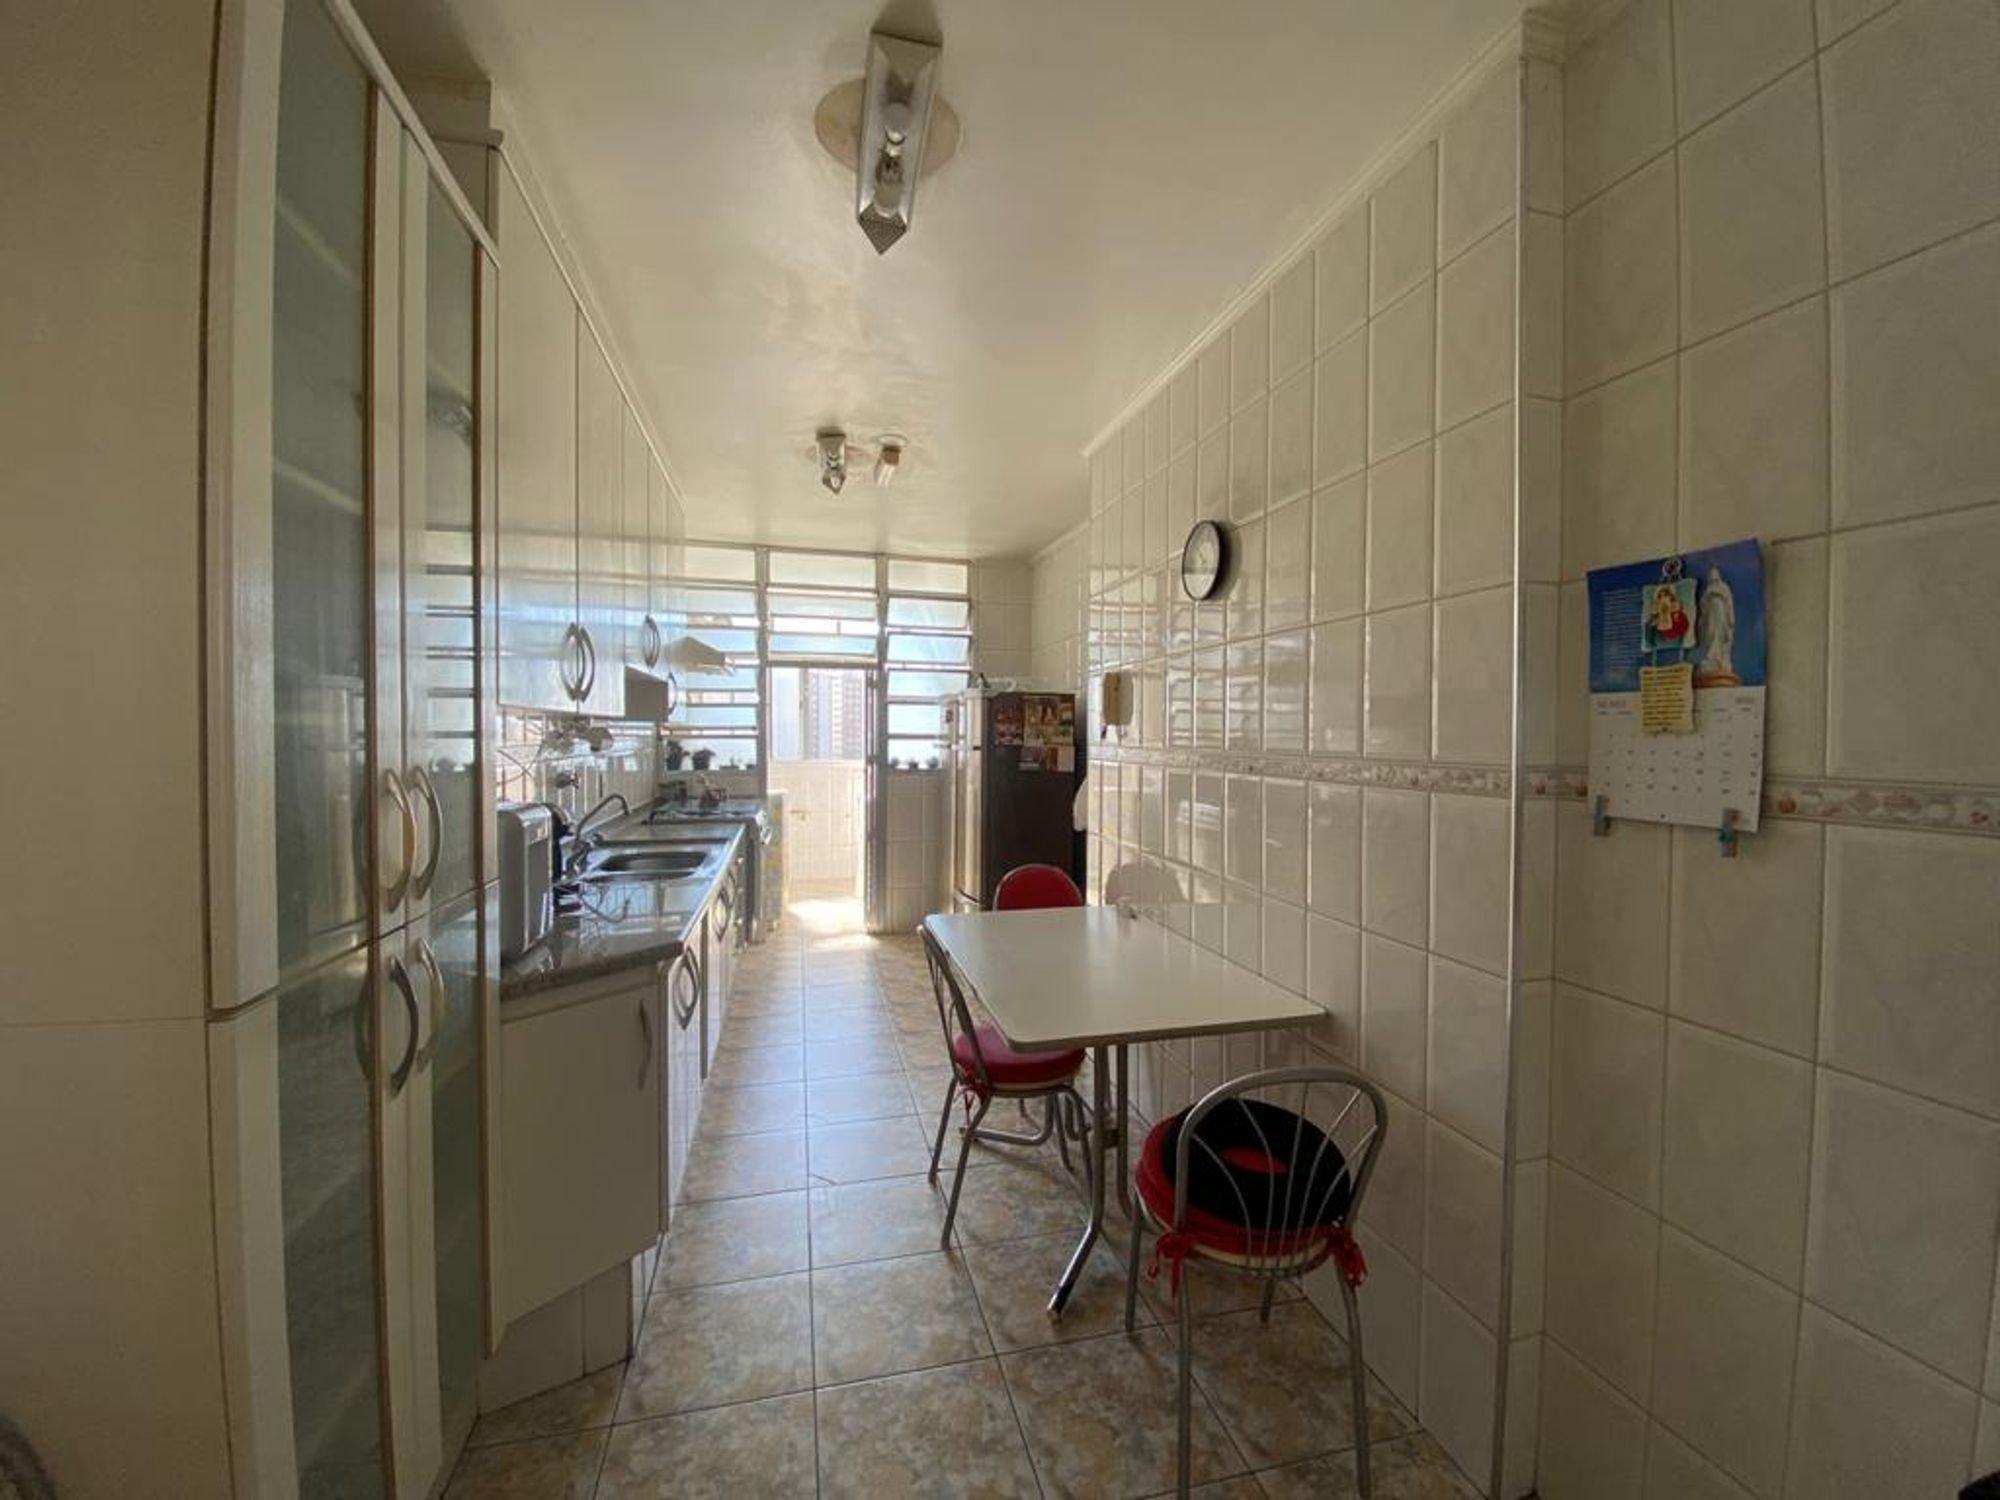 Foto de Cozinha com cadeira, relógio, mesa de jantar